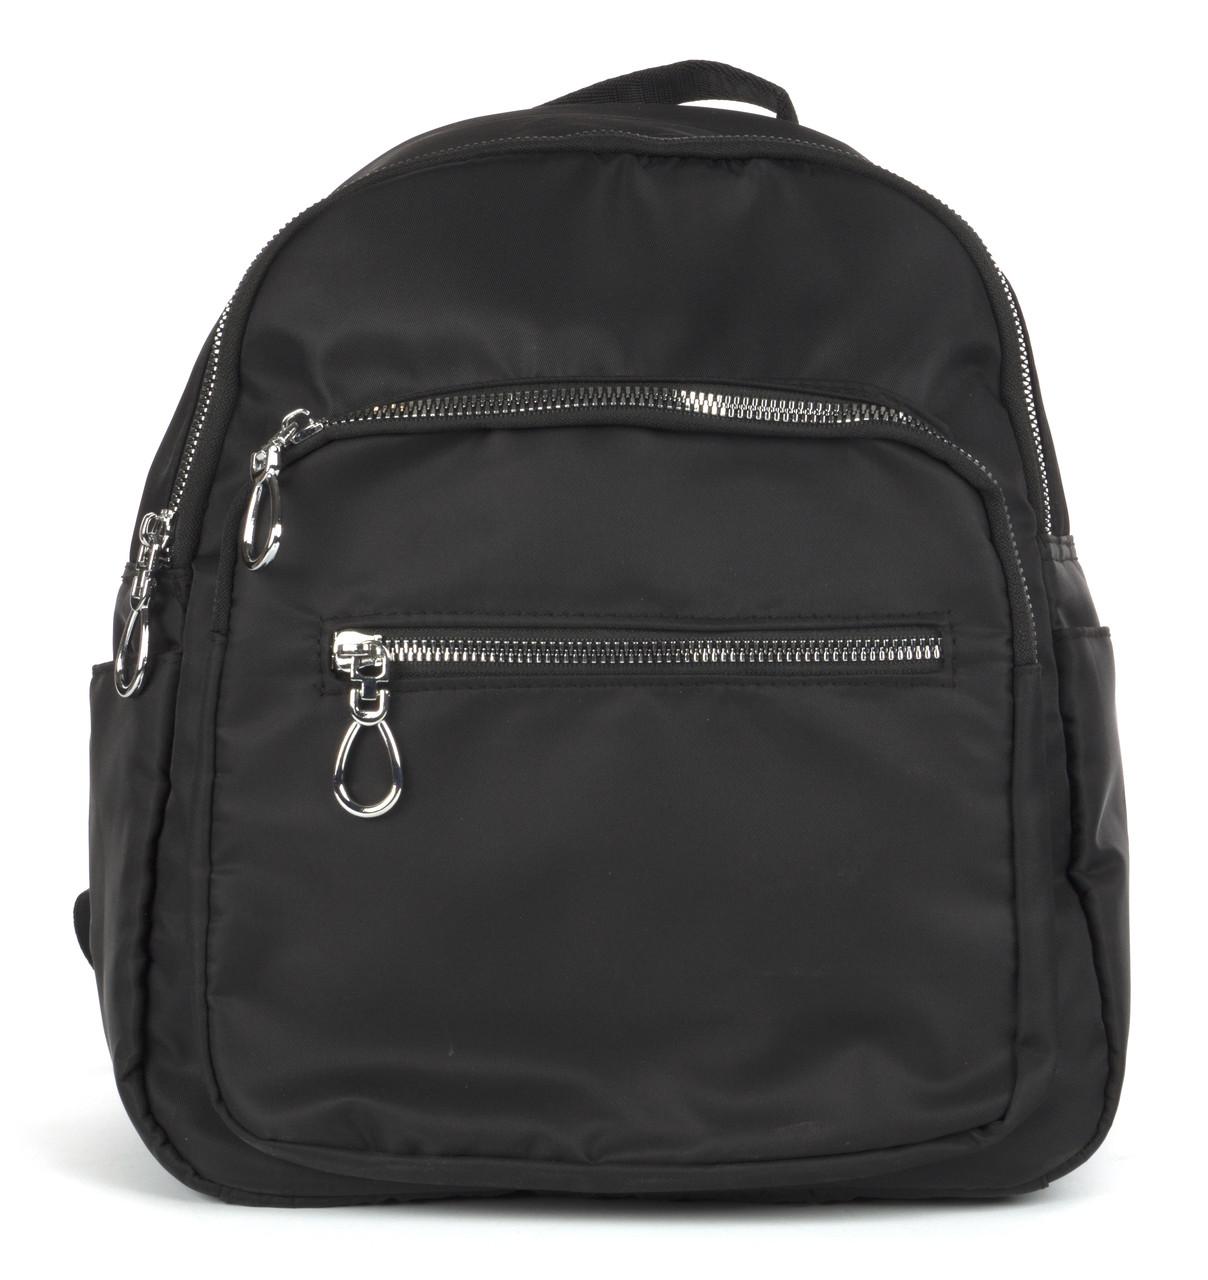 Тканинний зручний жіночий рюкзак Jinsichong art. 8028-3